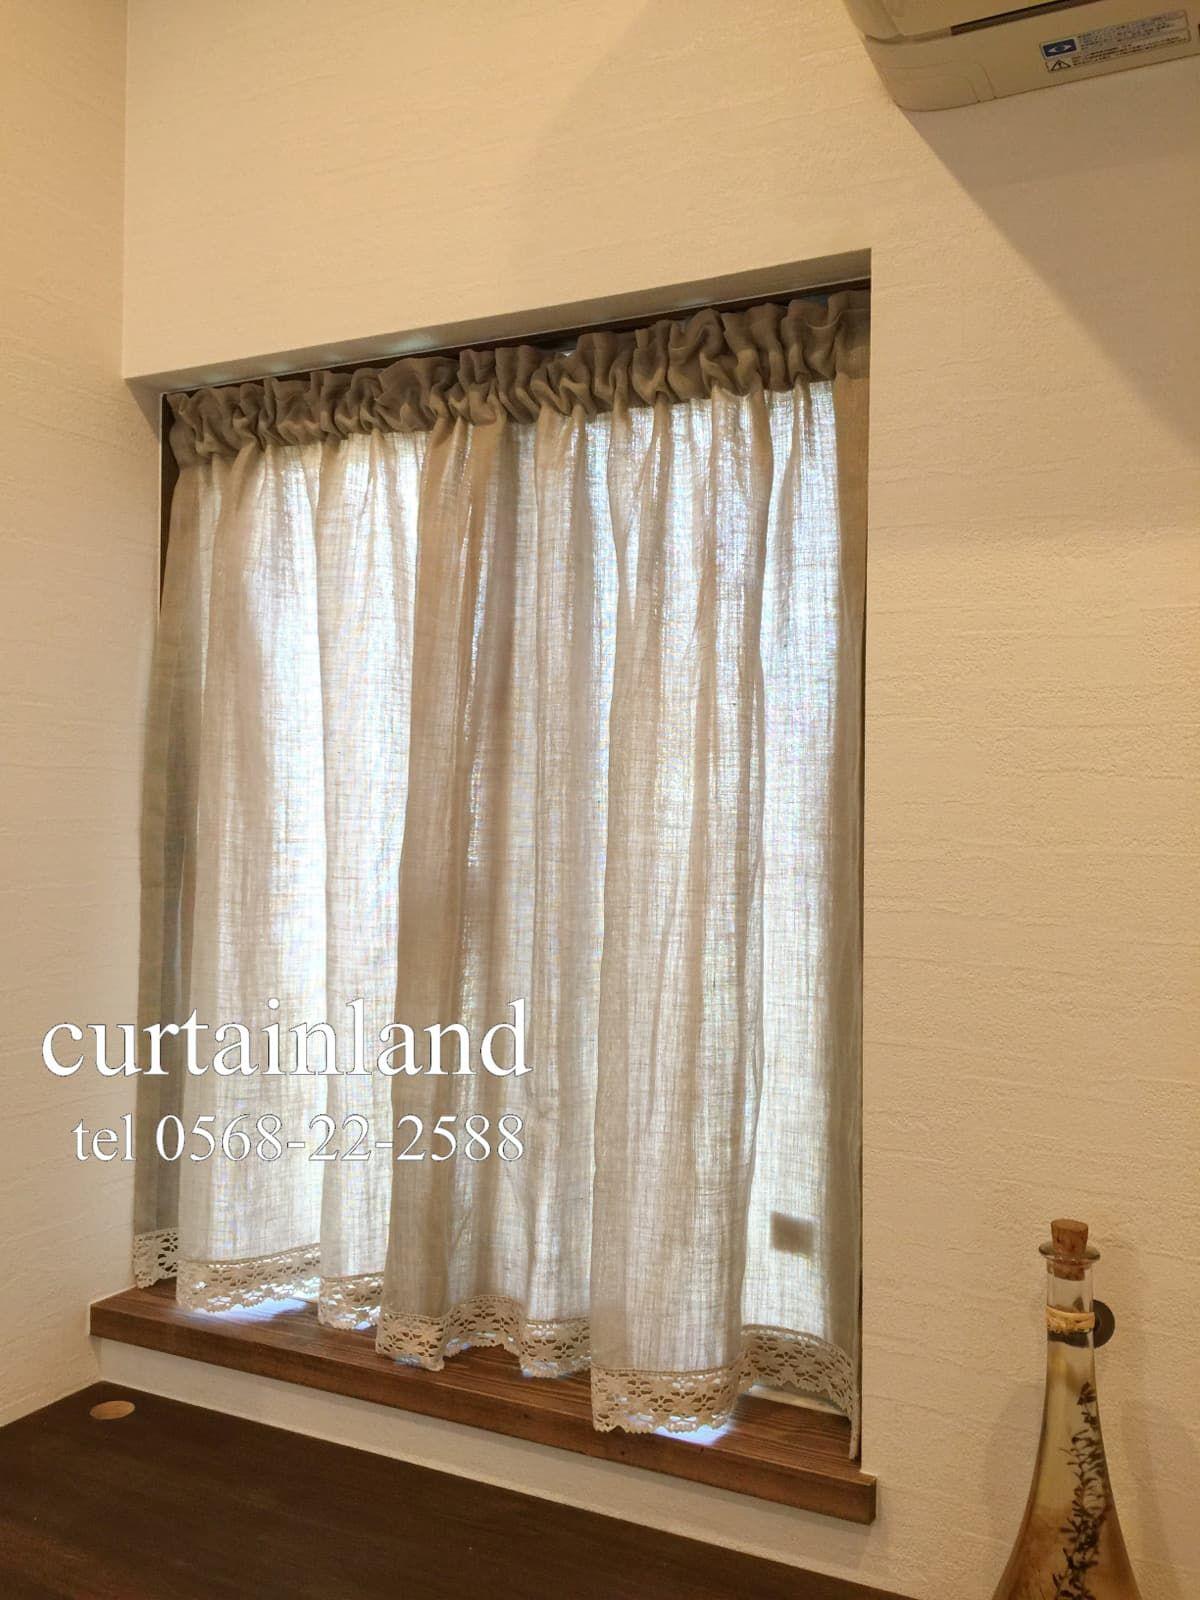 枠内リネンカフェカーテン カーテン 手作りカーテン カフェカーテン